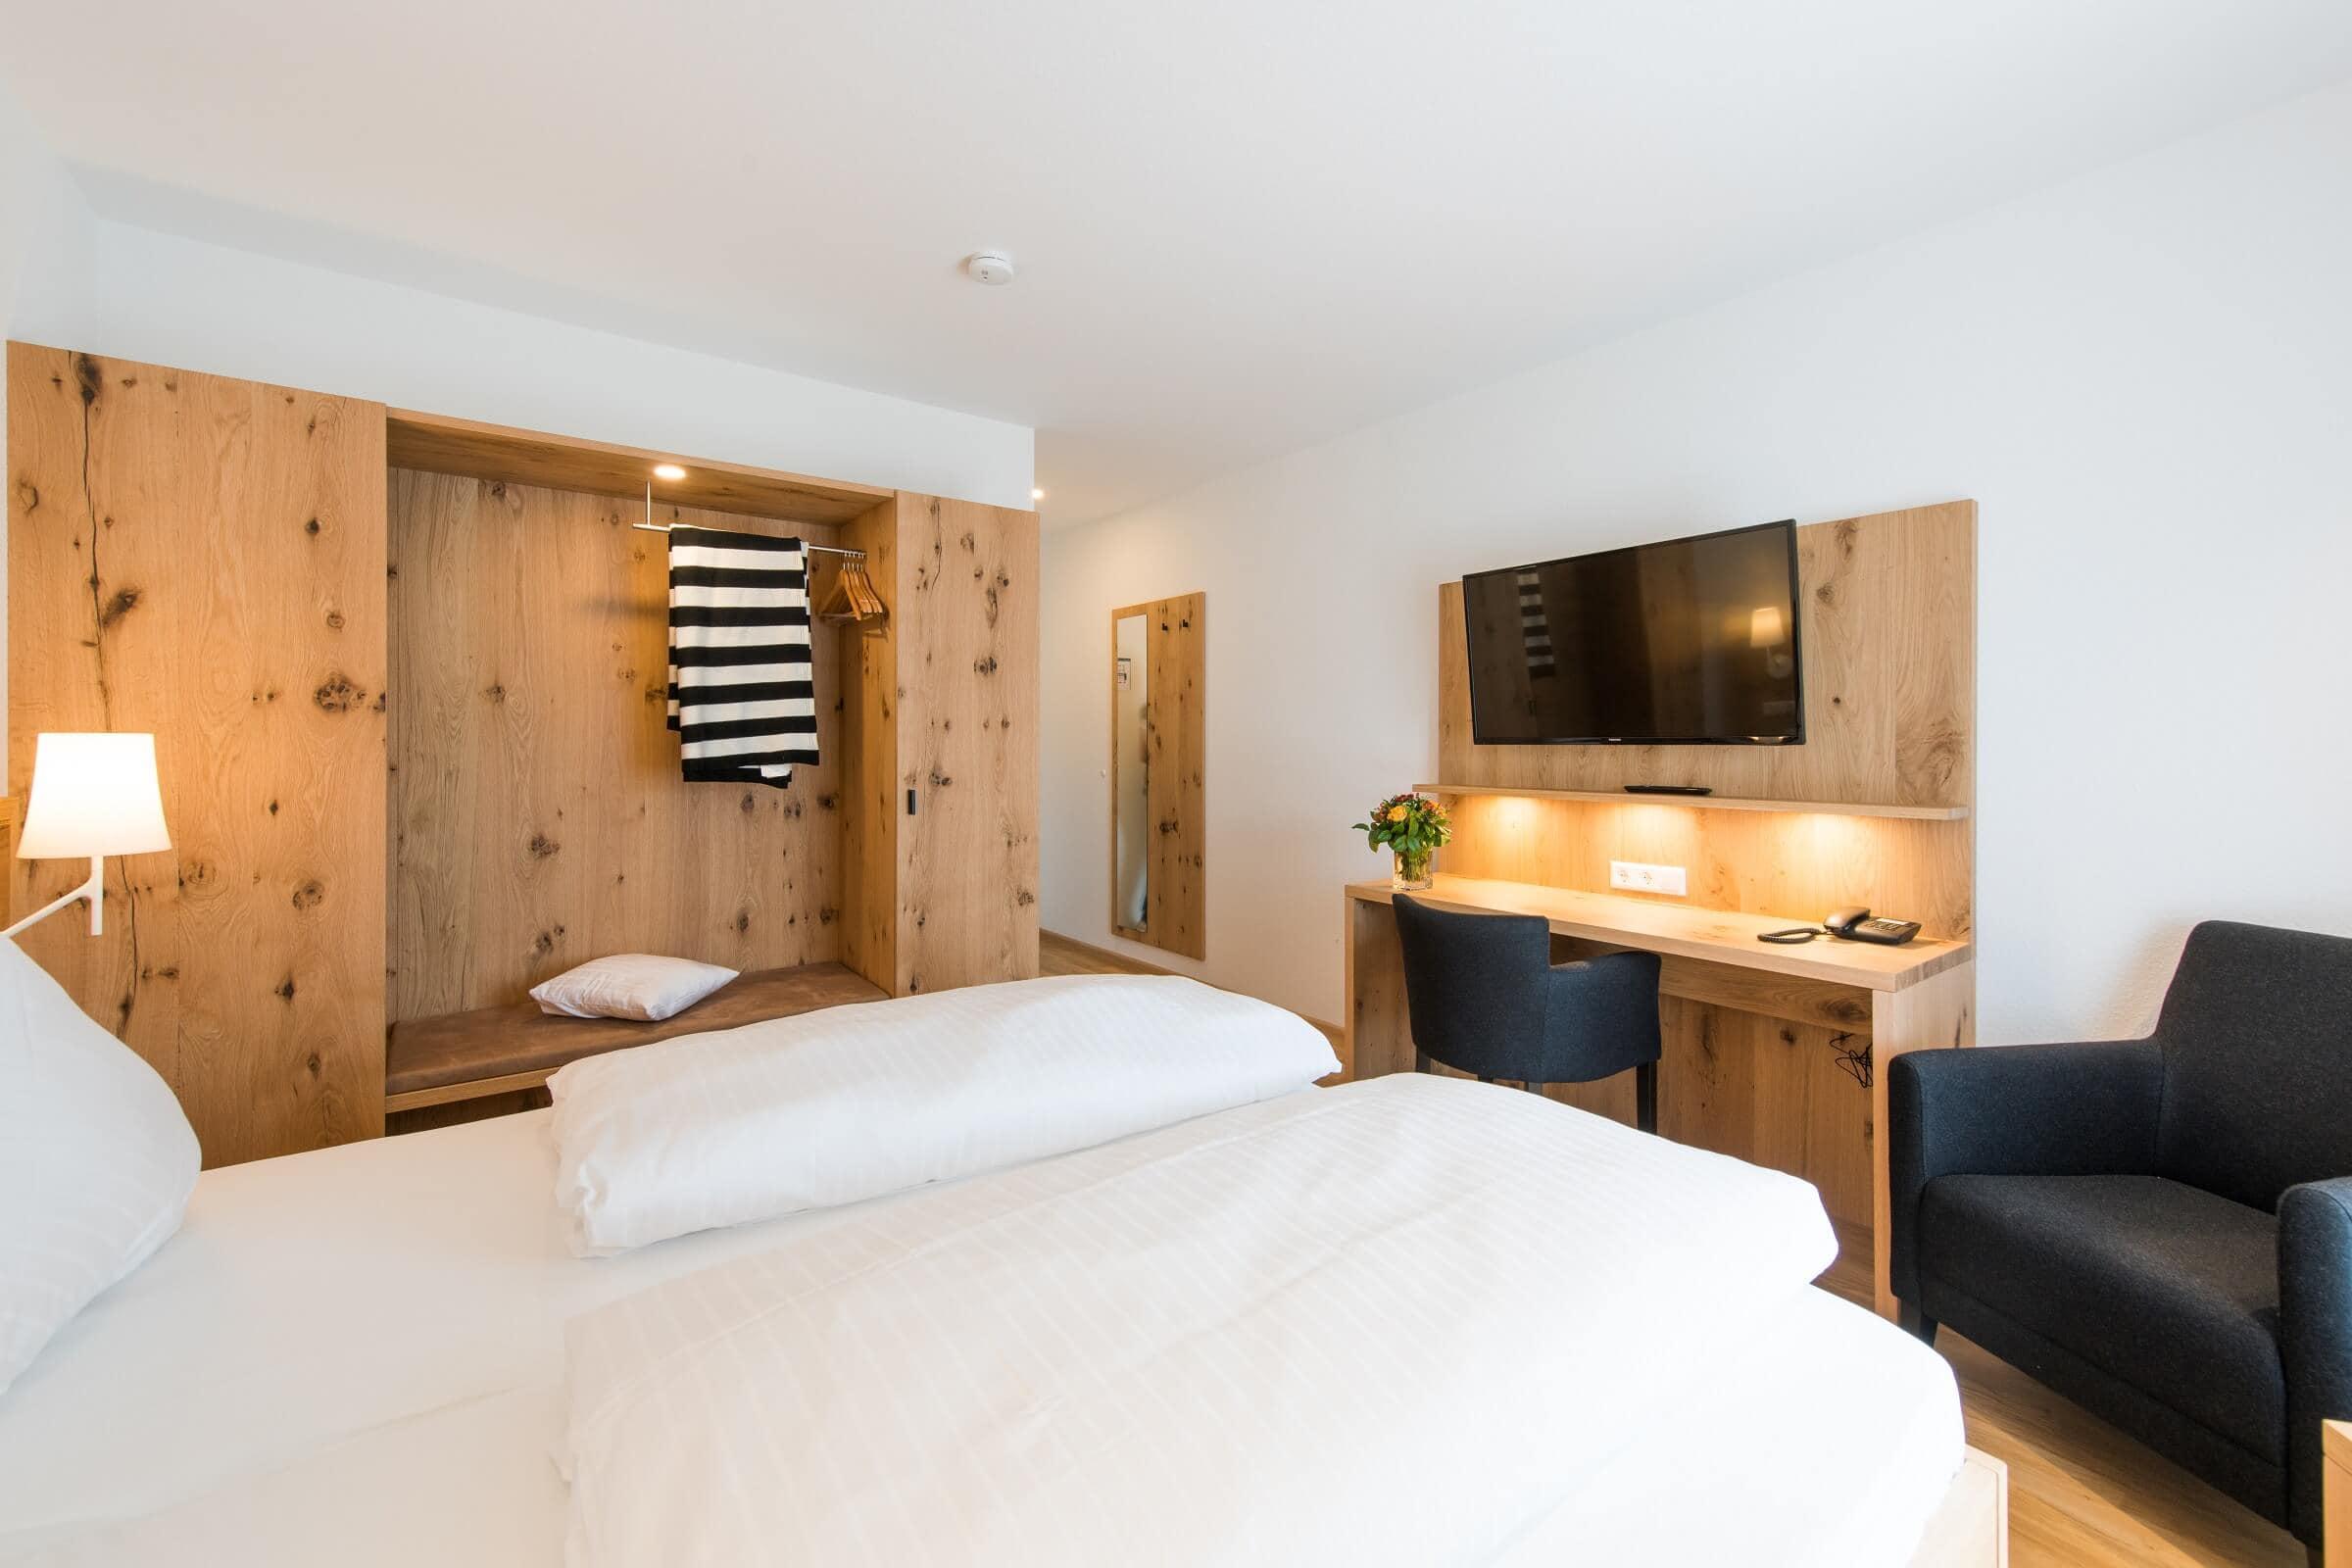 Hotel Gasthaus Loewen Buchholz Einzelzimmer